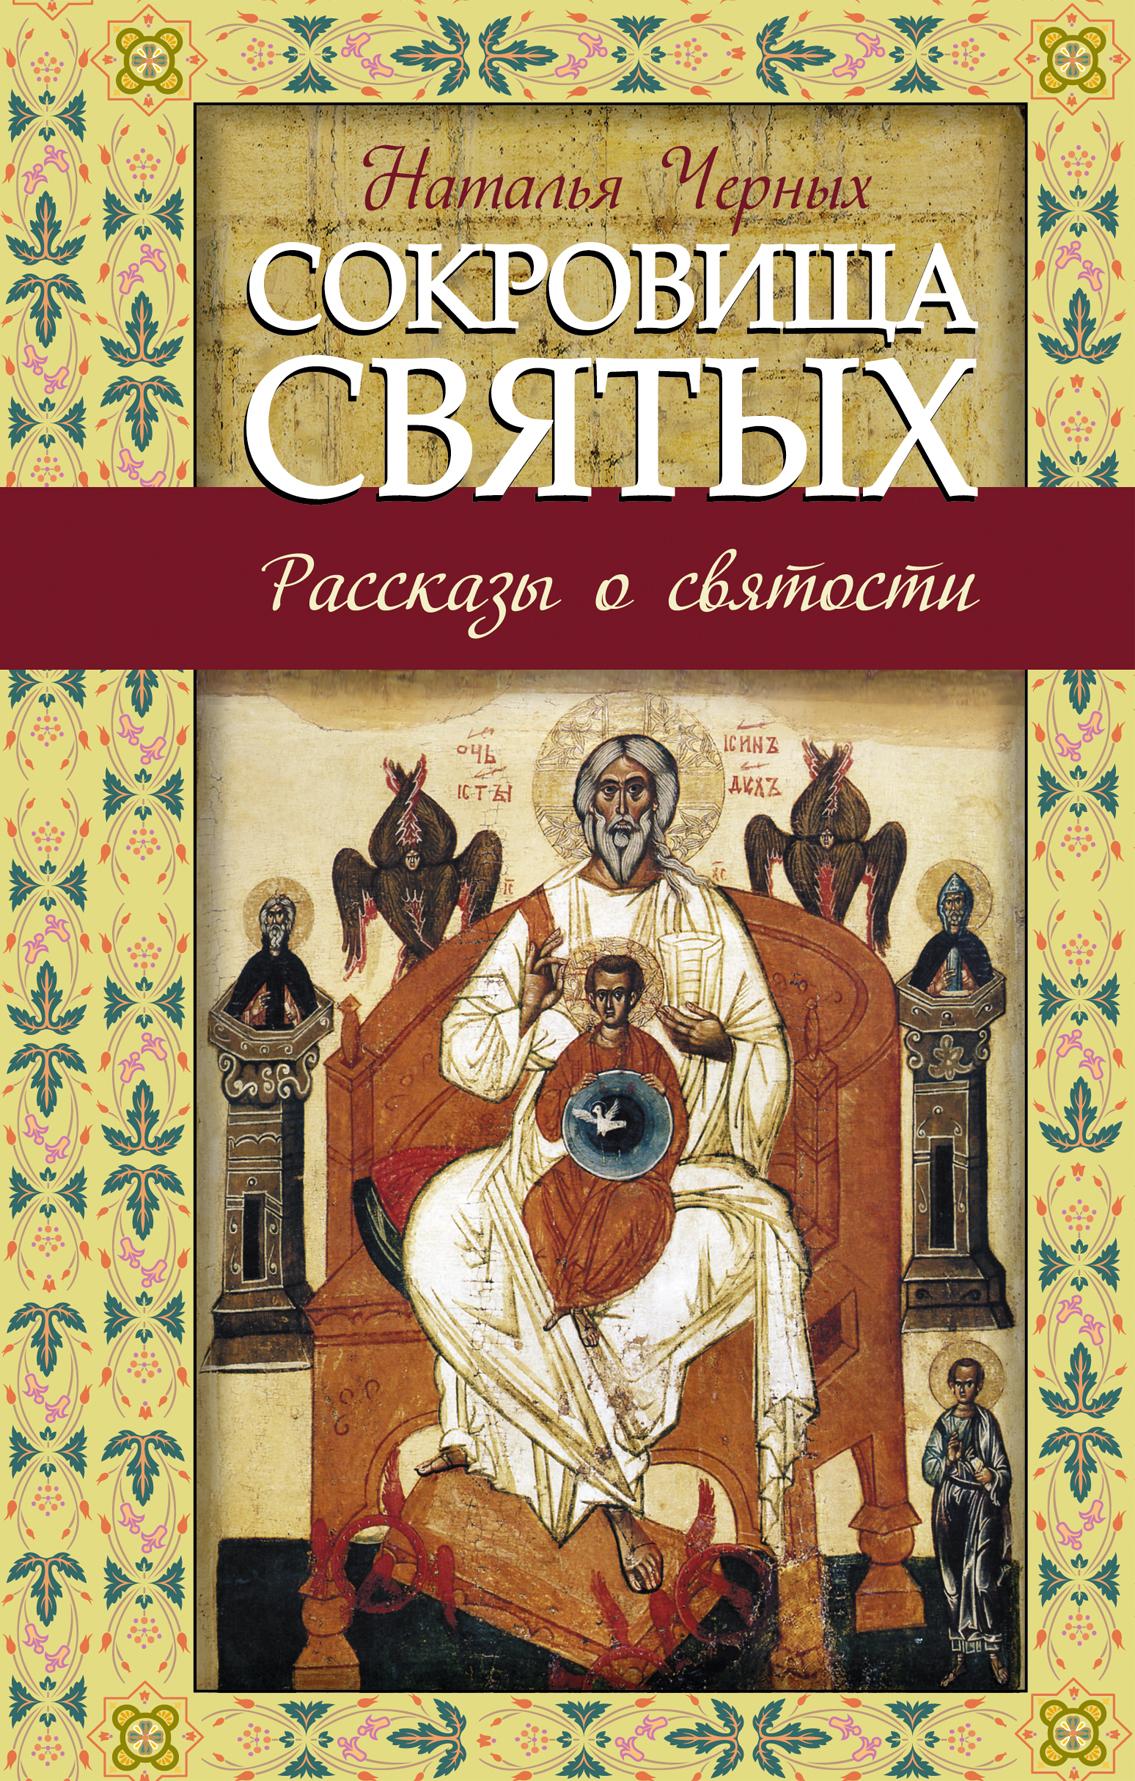 Черных Наталья Сокровища святых: Рассказы о святости